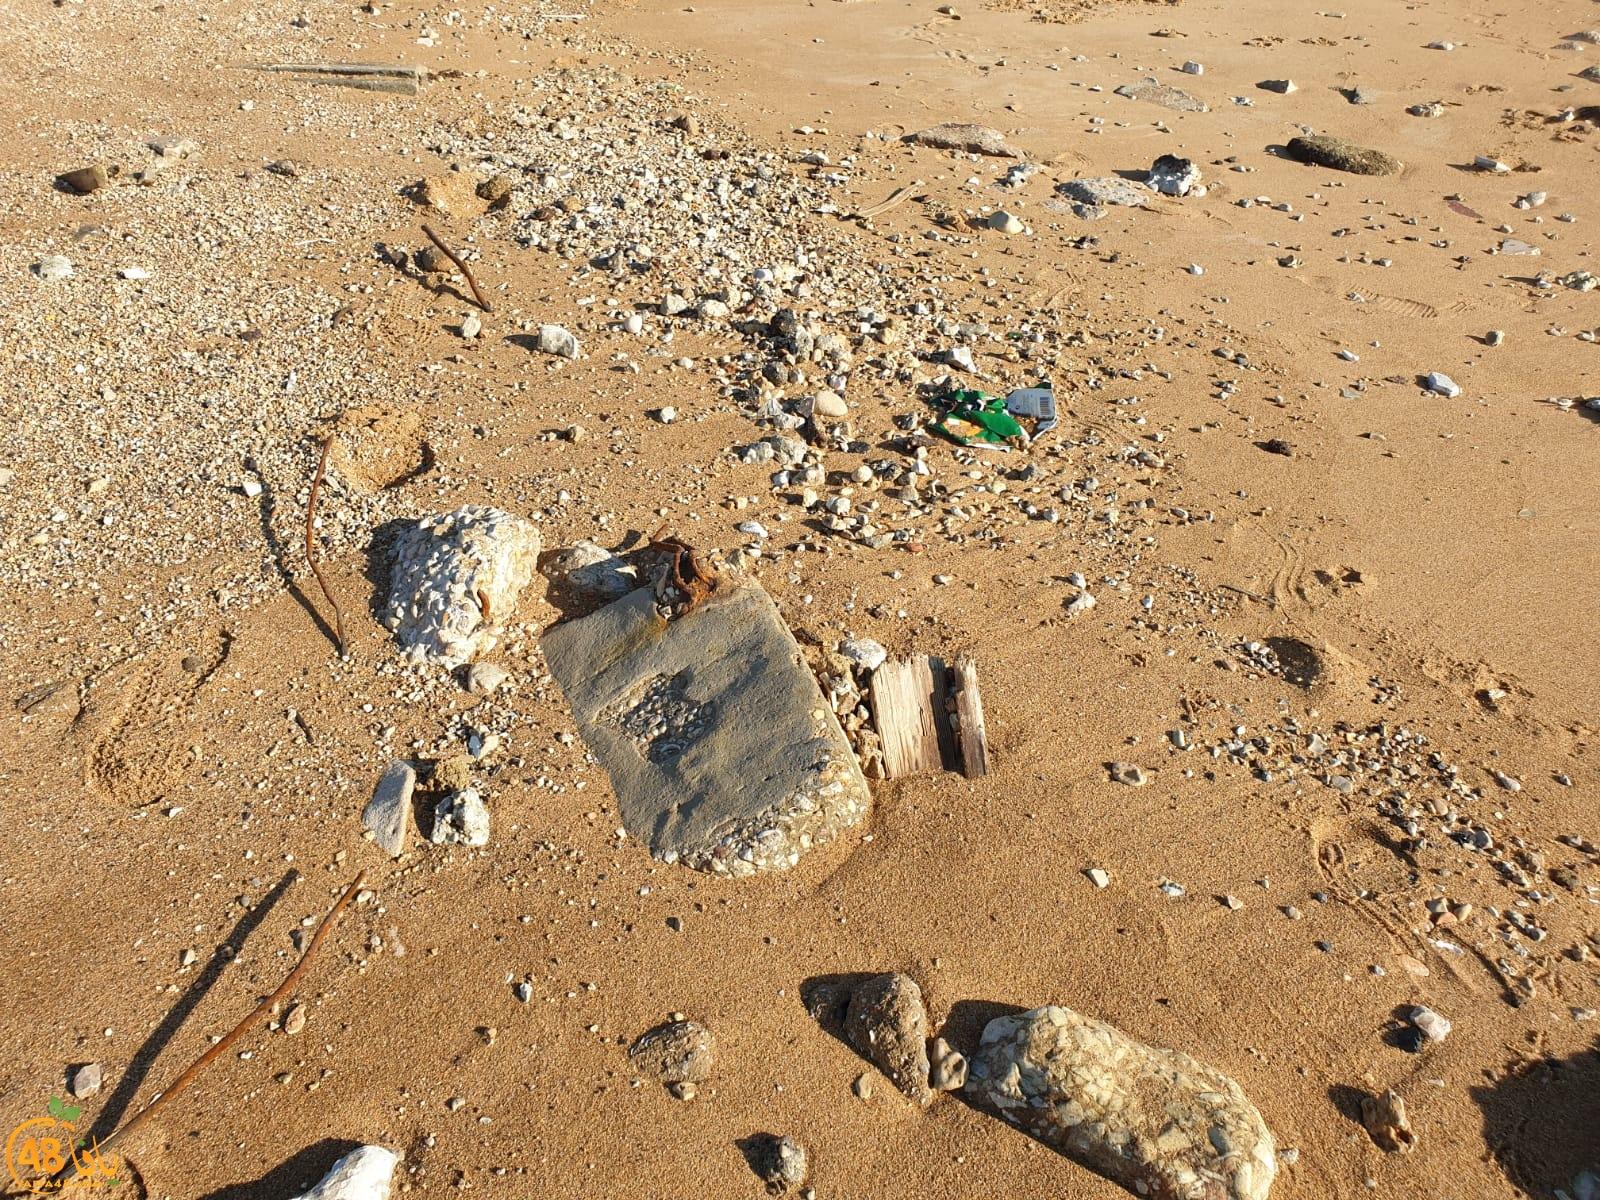 شاهد: بقايا بيوتنا على شاطئ العجمي بيافا وقد تناثرت واندثرّت